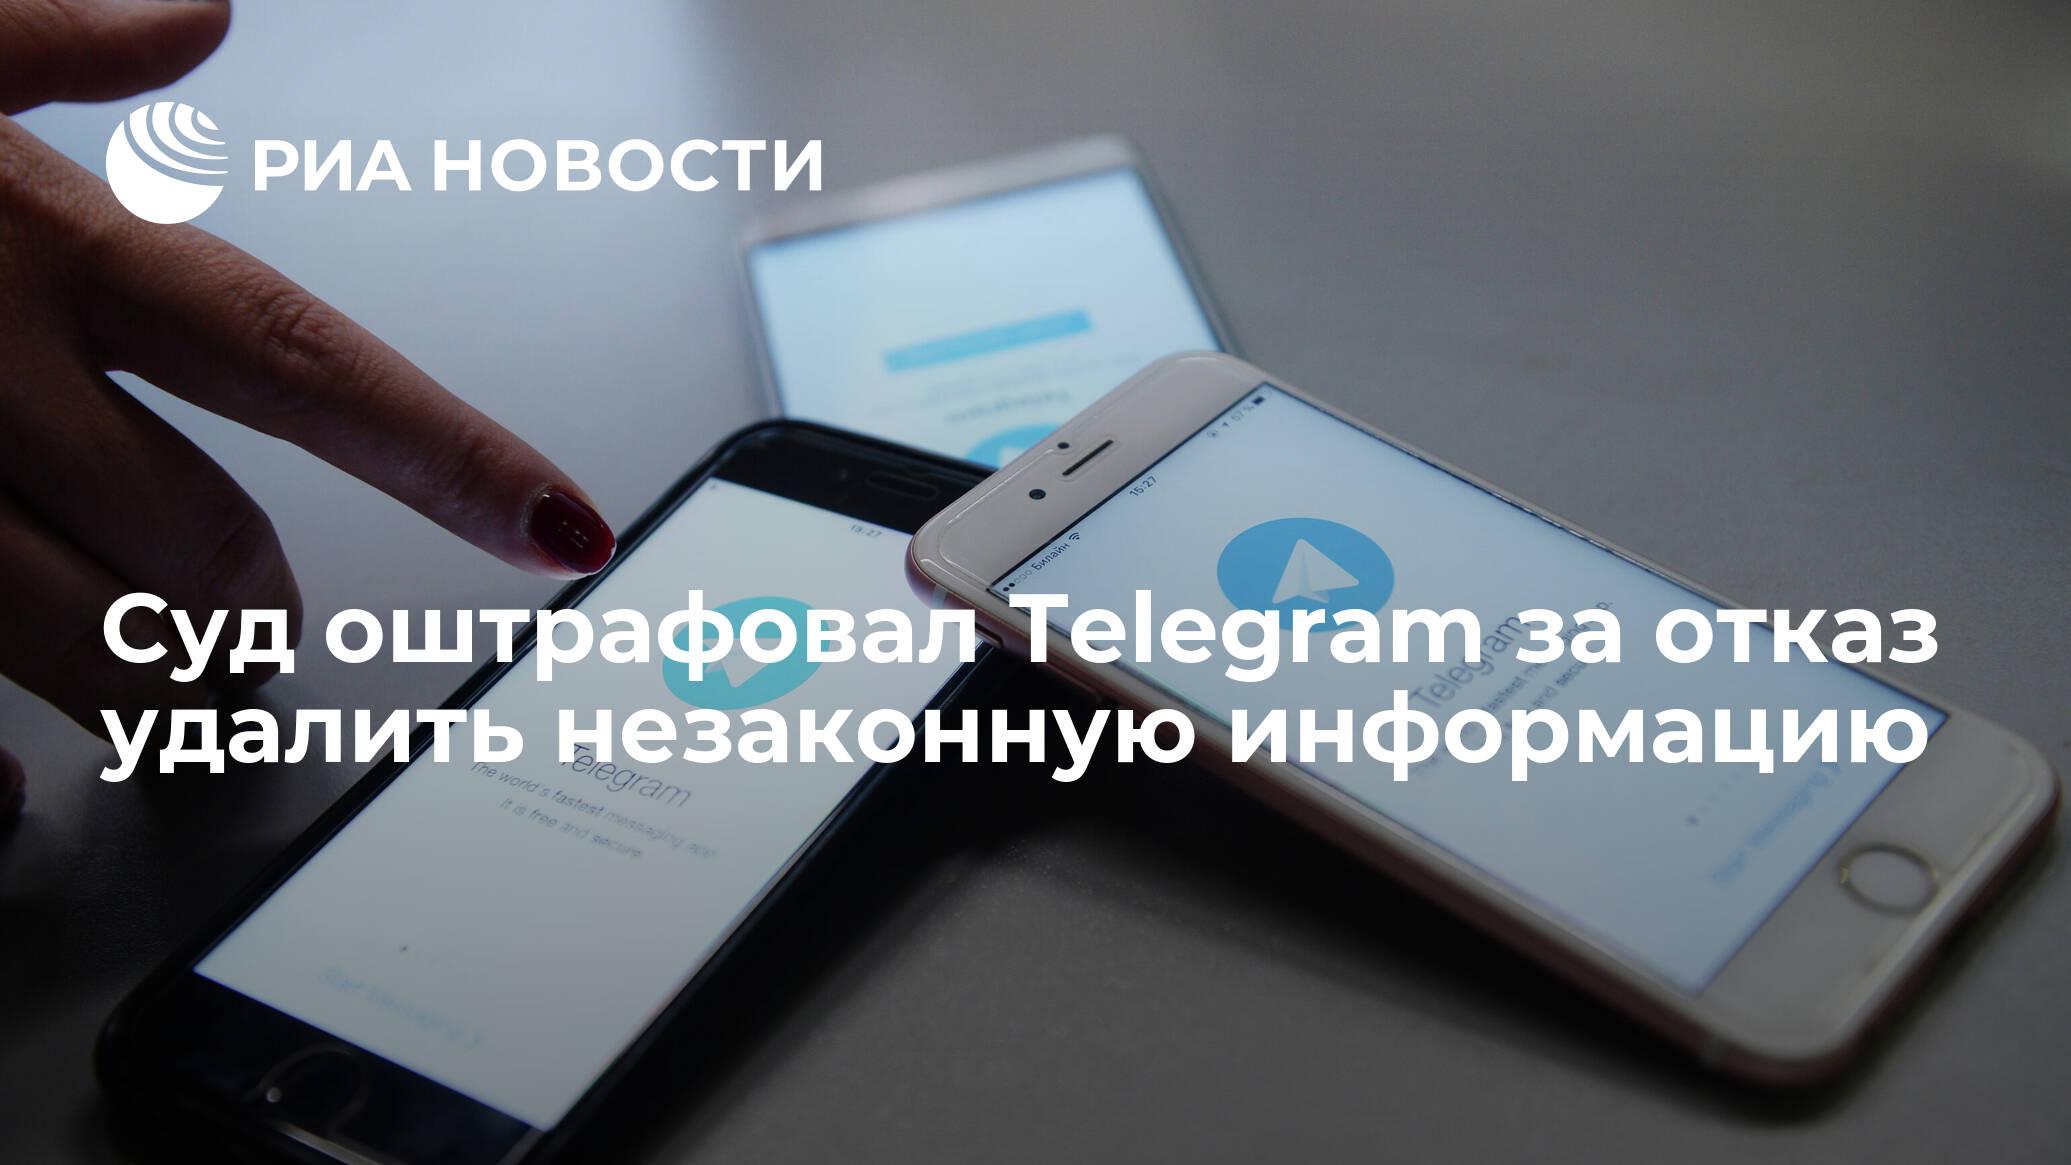 Суд оштрафовал Telegram за отказ удалить незаконную информацию